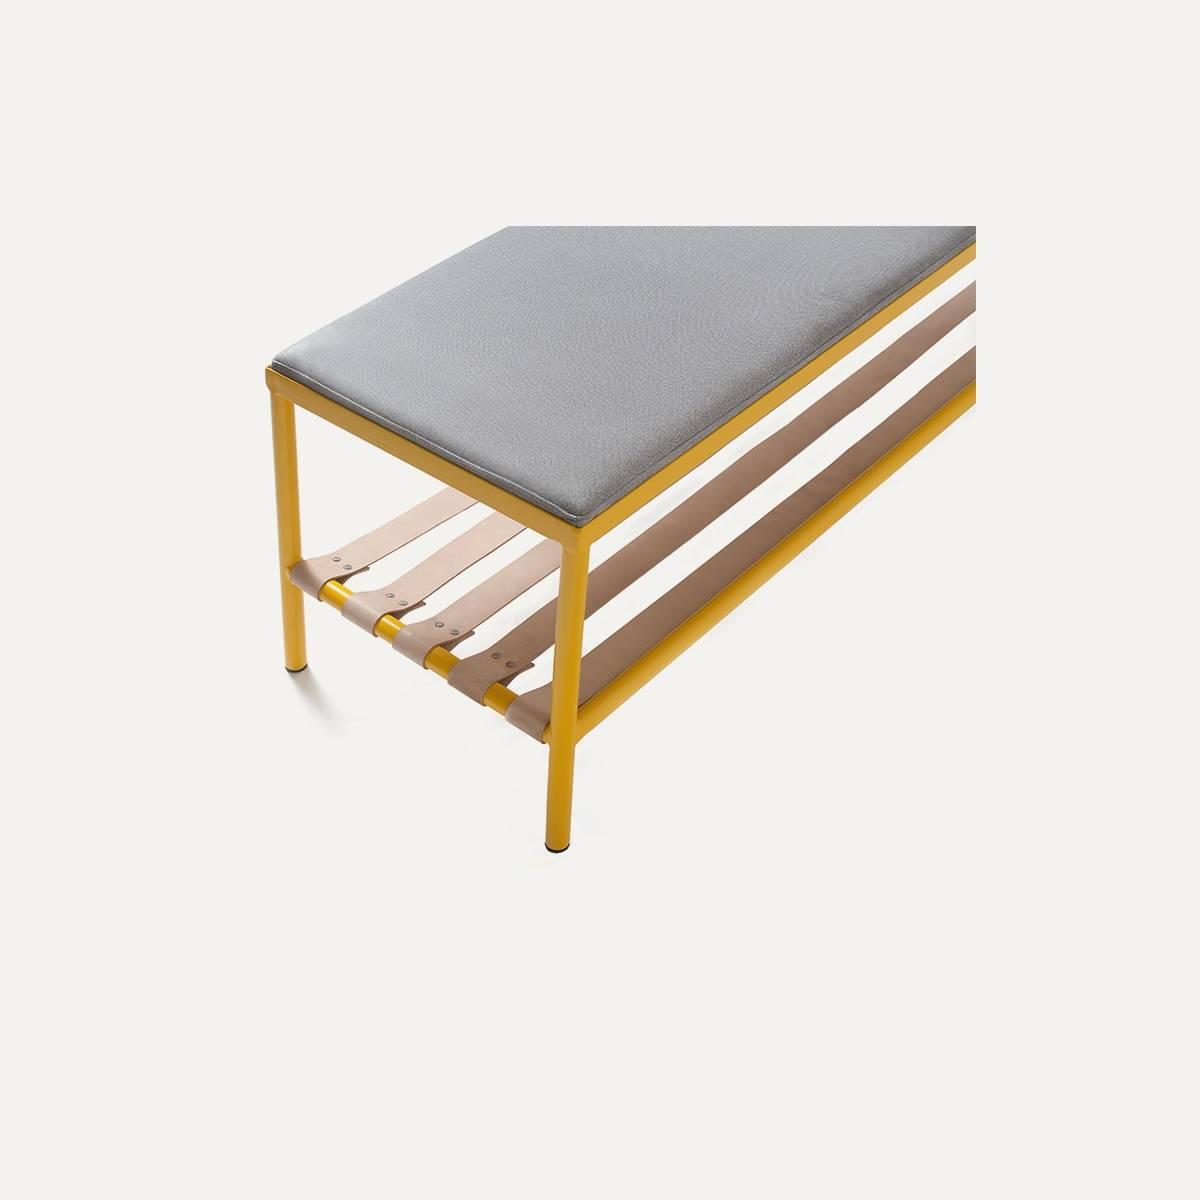 Banc BDC x KANN design - jaune (image n°6)